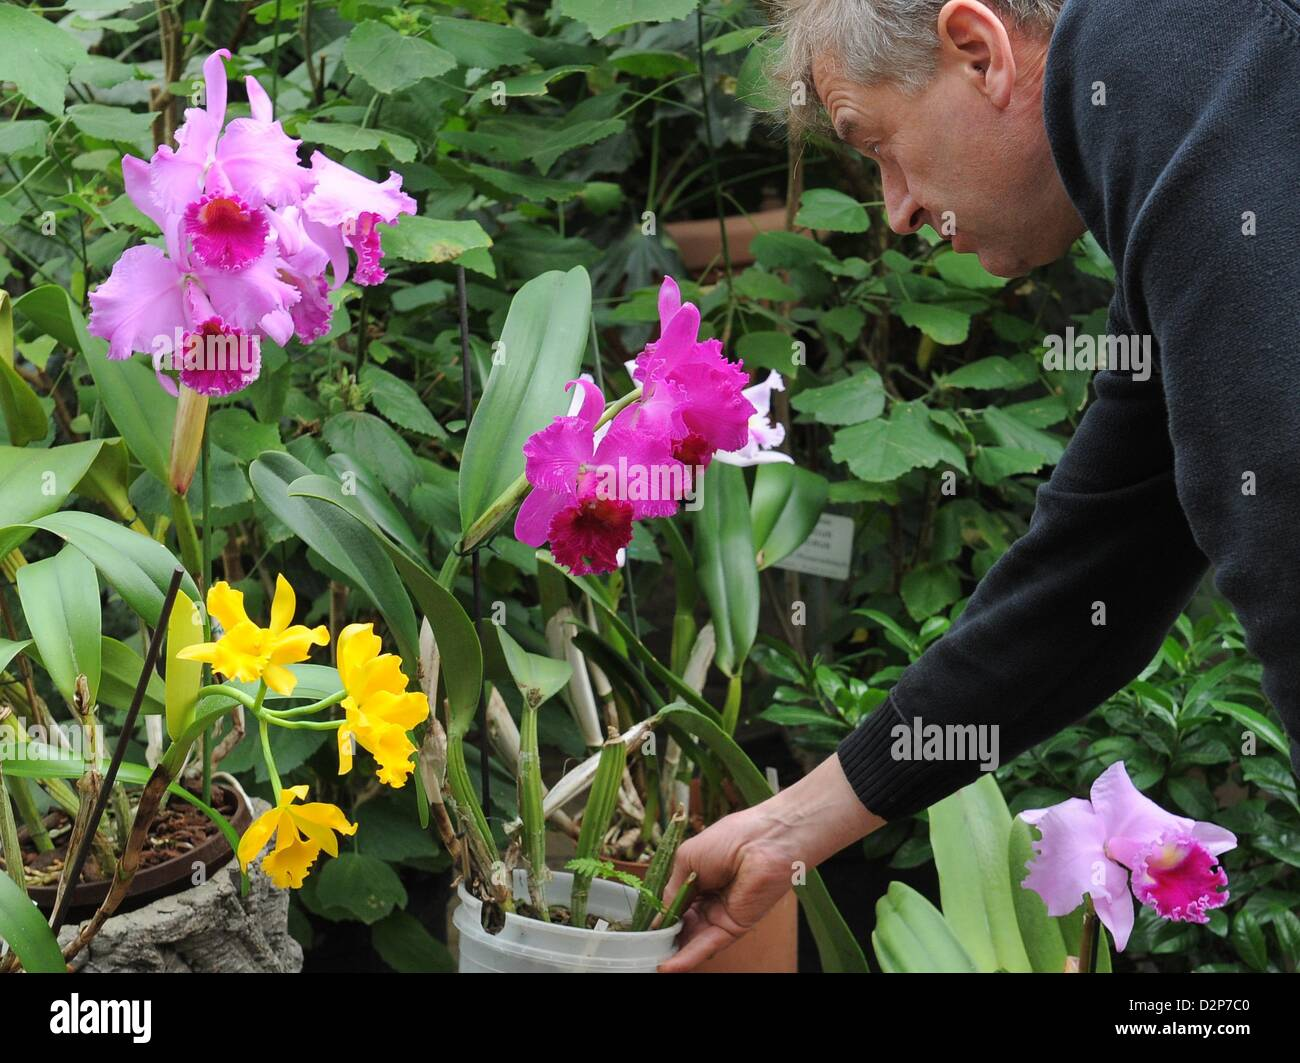 orchidee z chter hans joachim wlodarczyk stellt eine orchidee arten cattleya in der. Black Bedroom Furniture Sets. Home Design Ideas